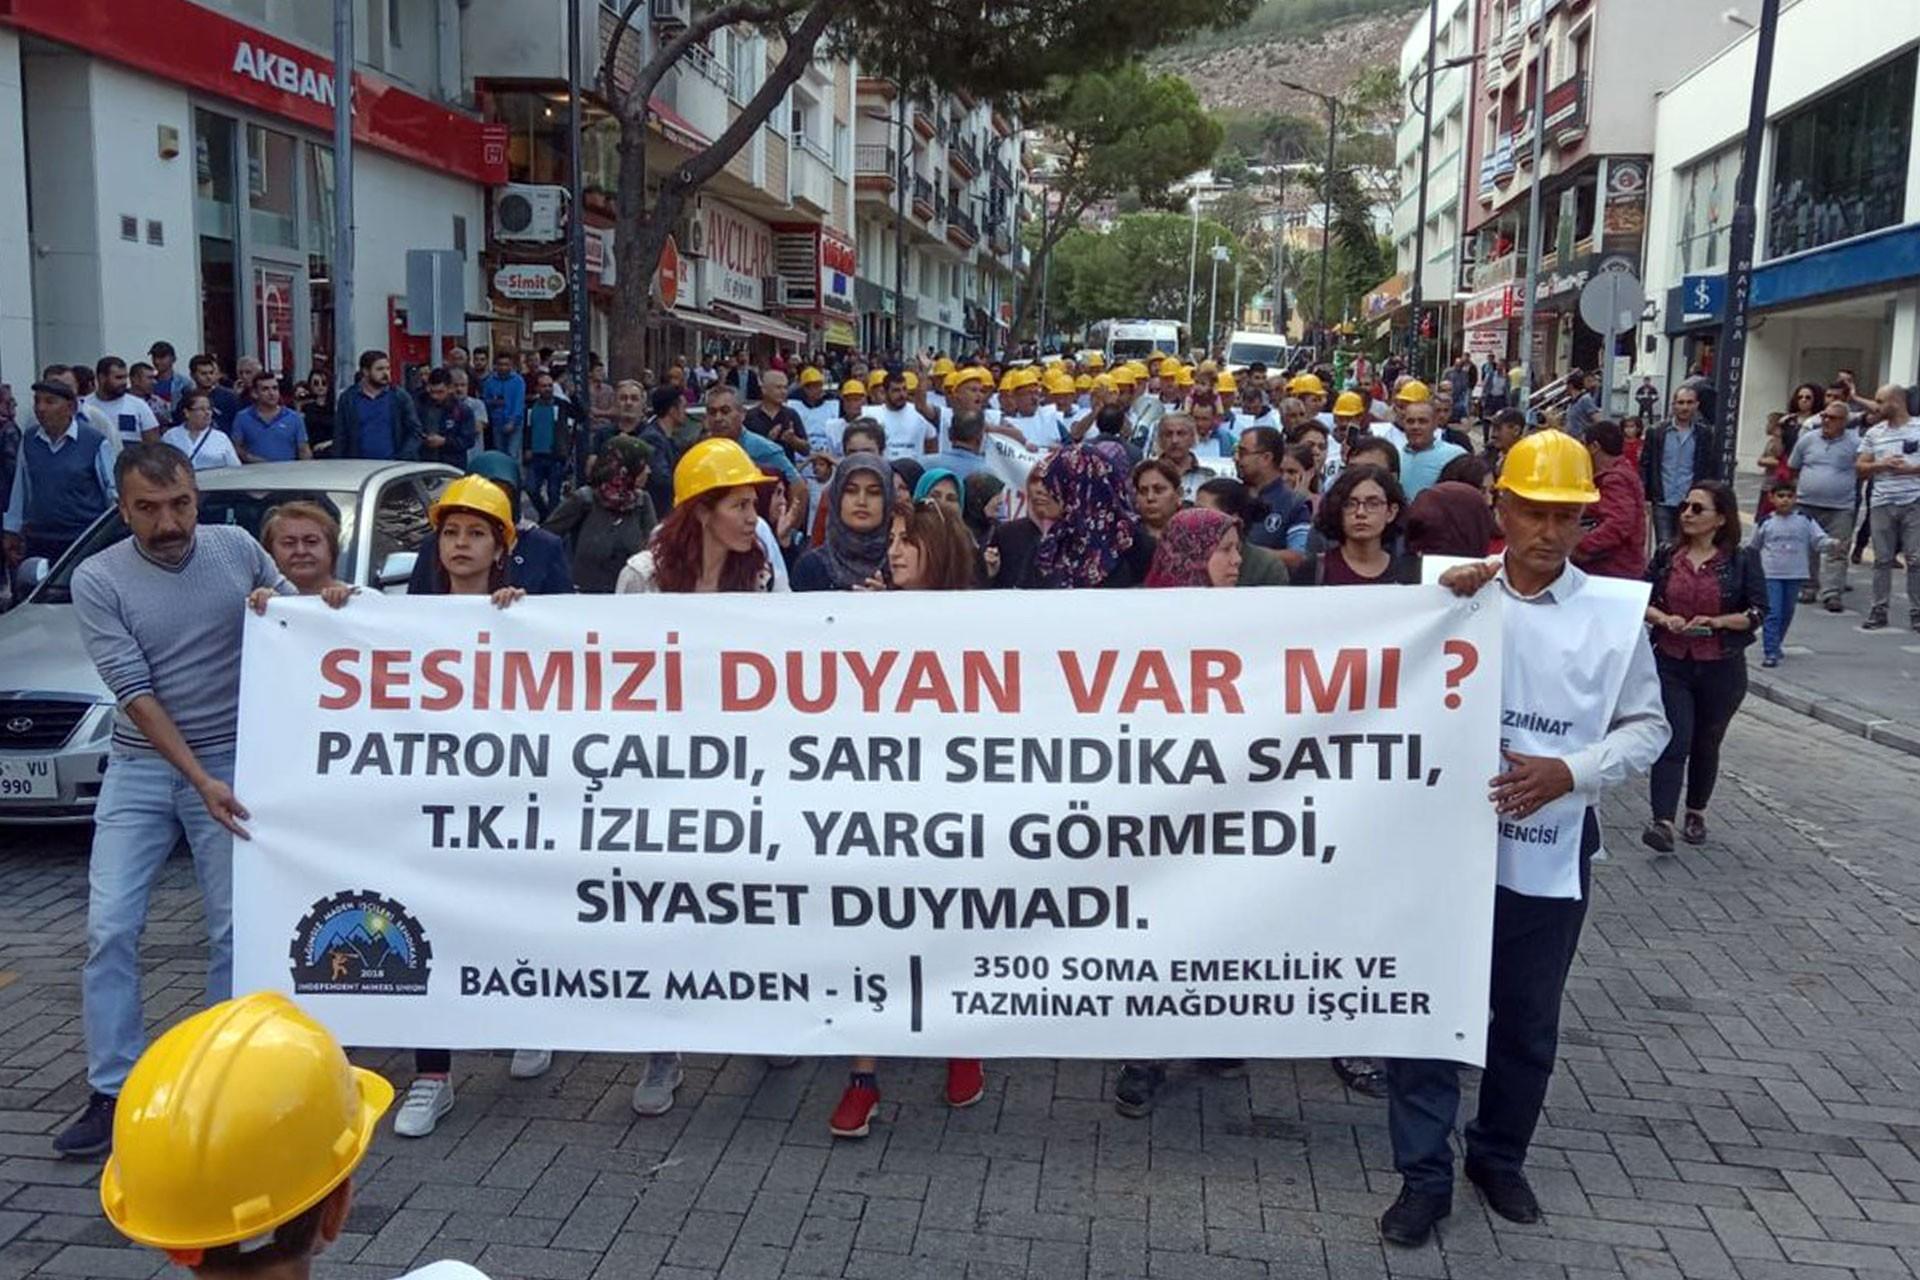 Somalı madencilerin Ankara'ya yürüyüşü başladı: Soygun ve nitelikli gasp var!